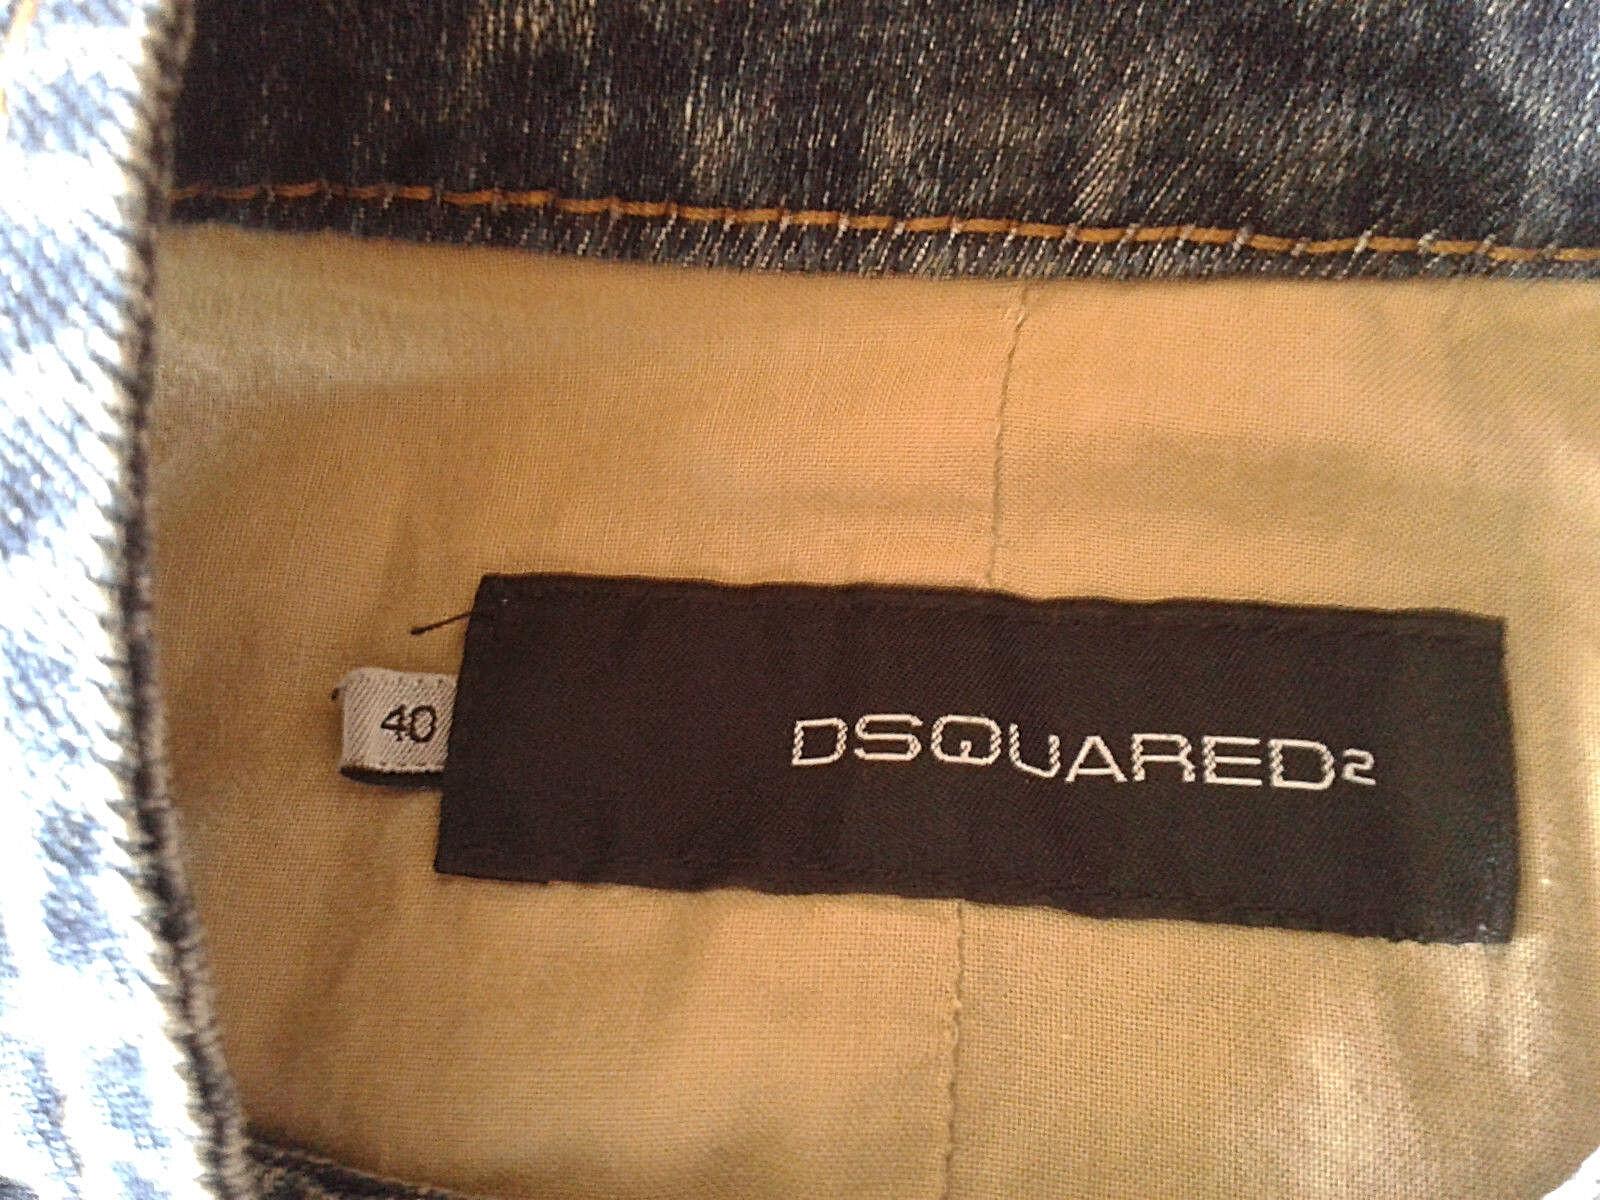 Authentic DSQUARED 'CIVIL WAR' WAR' WAR' jeans vest 72FB002 tg.40 d5c1c5